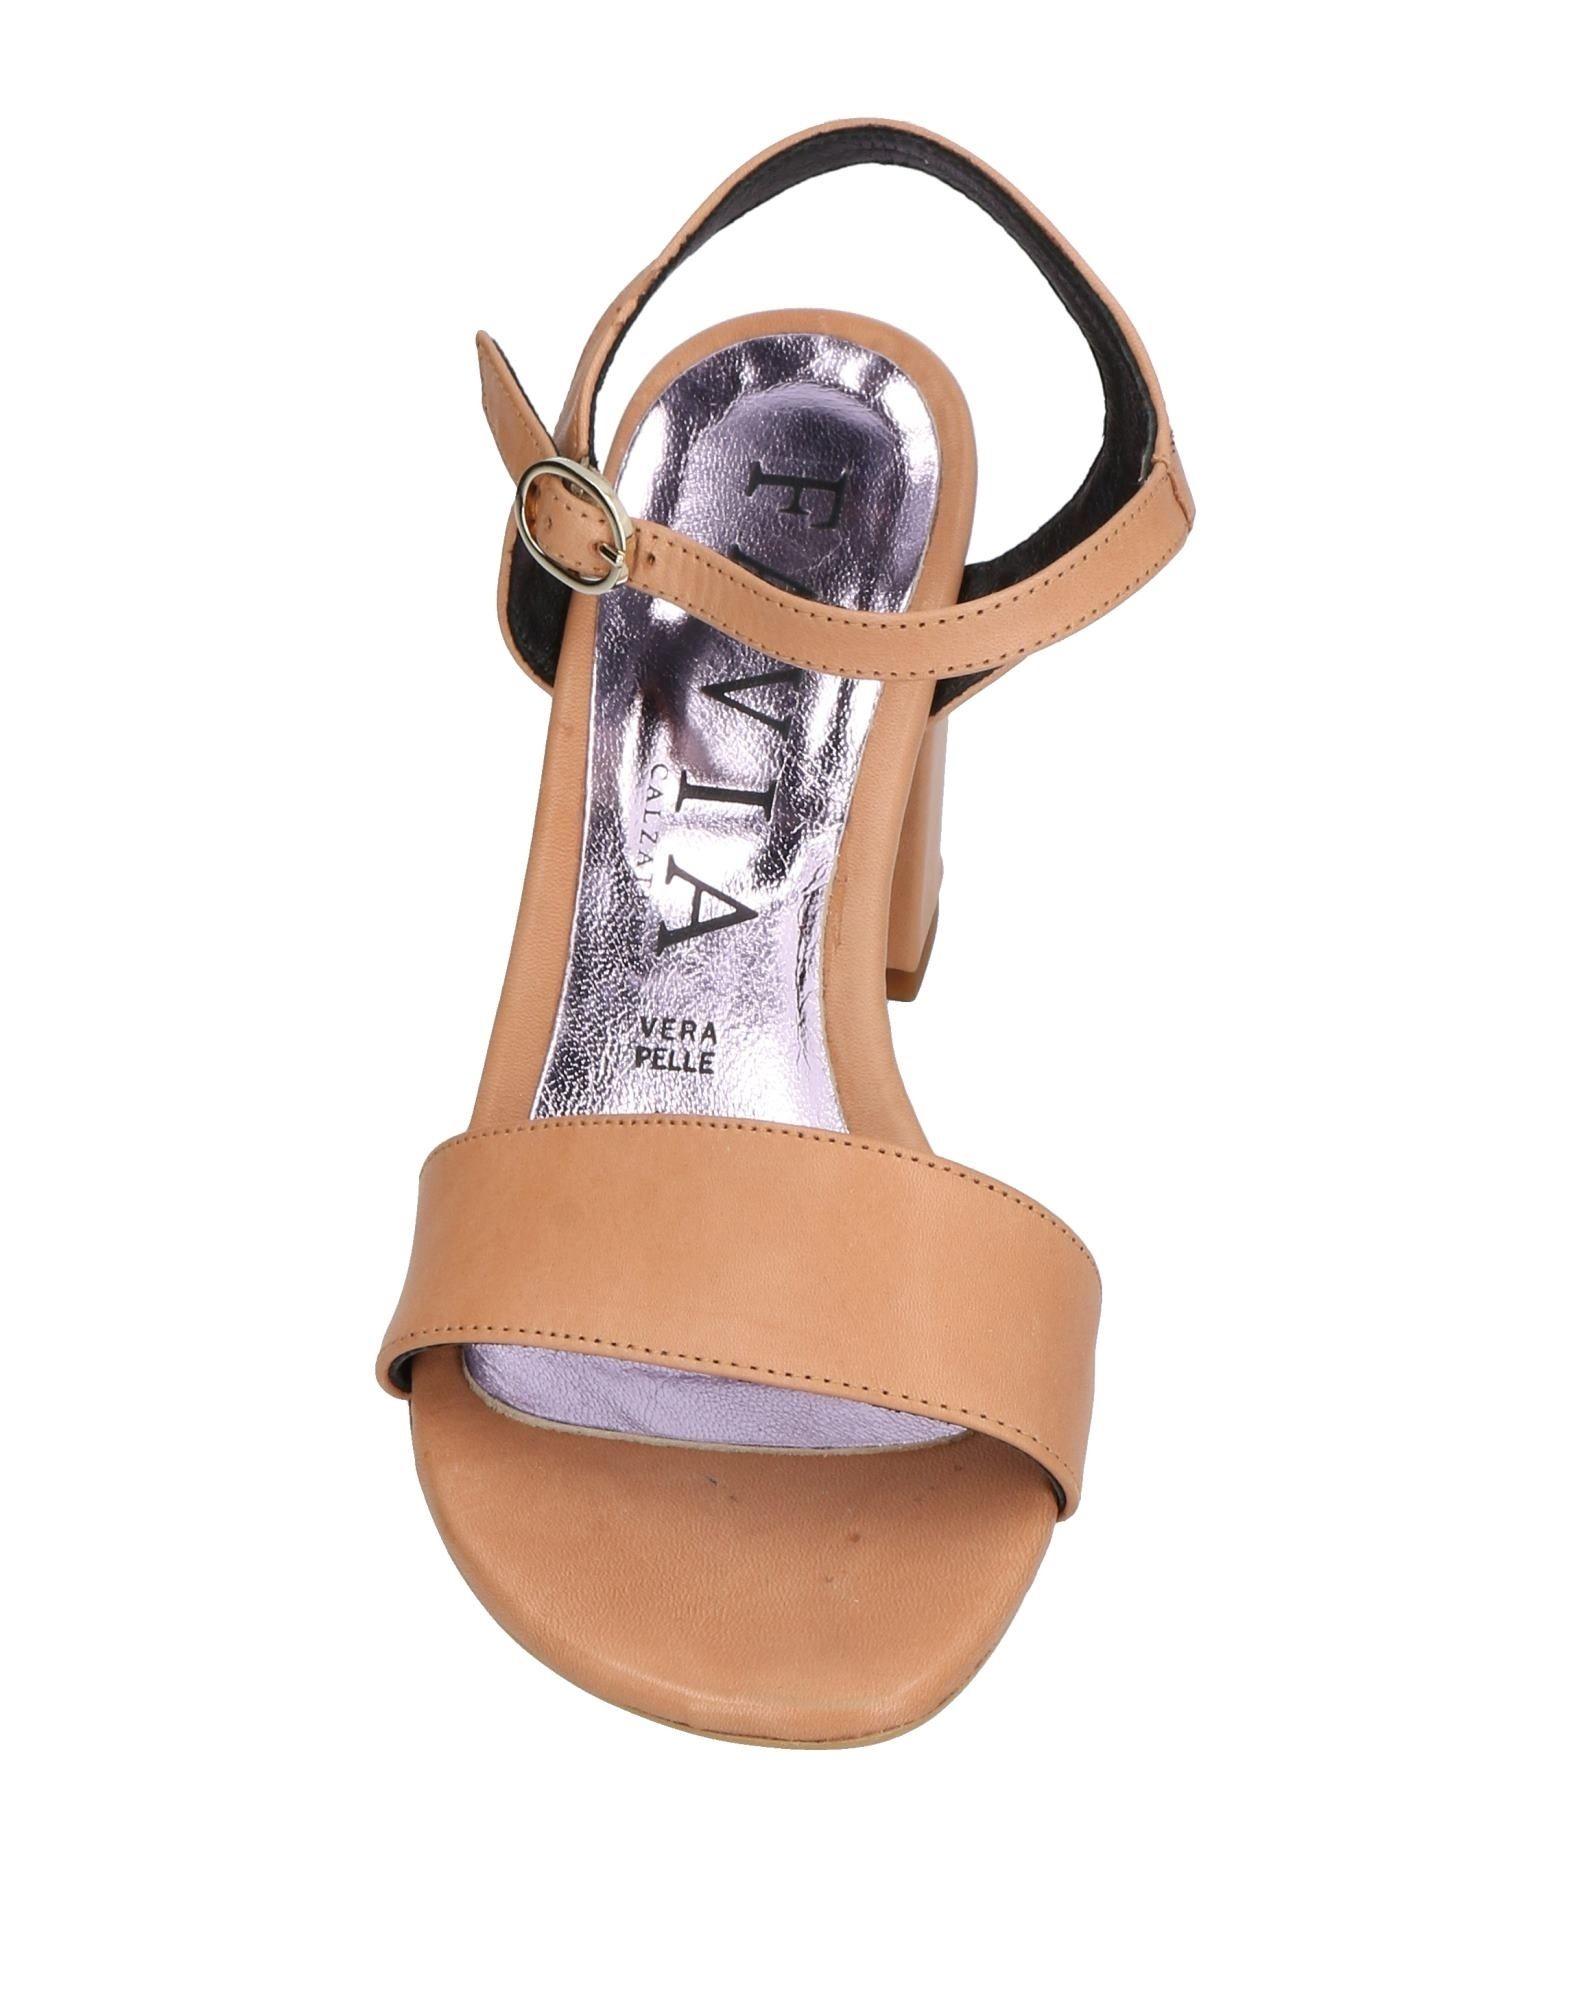 Favia Calzature Sandalen Damen  Schuhe 11476389AH Gute Qualität beliebte Schuhe  51afe7